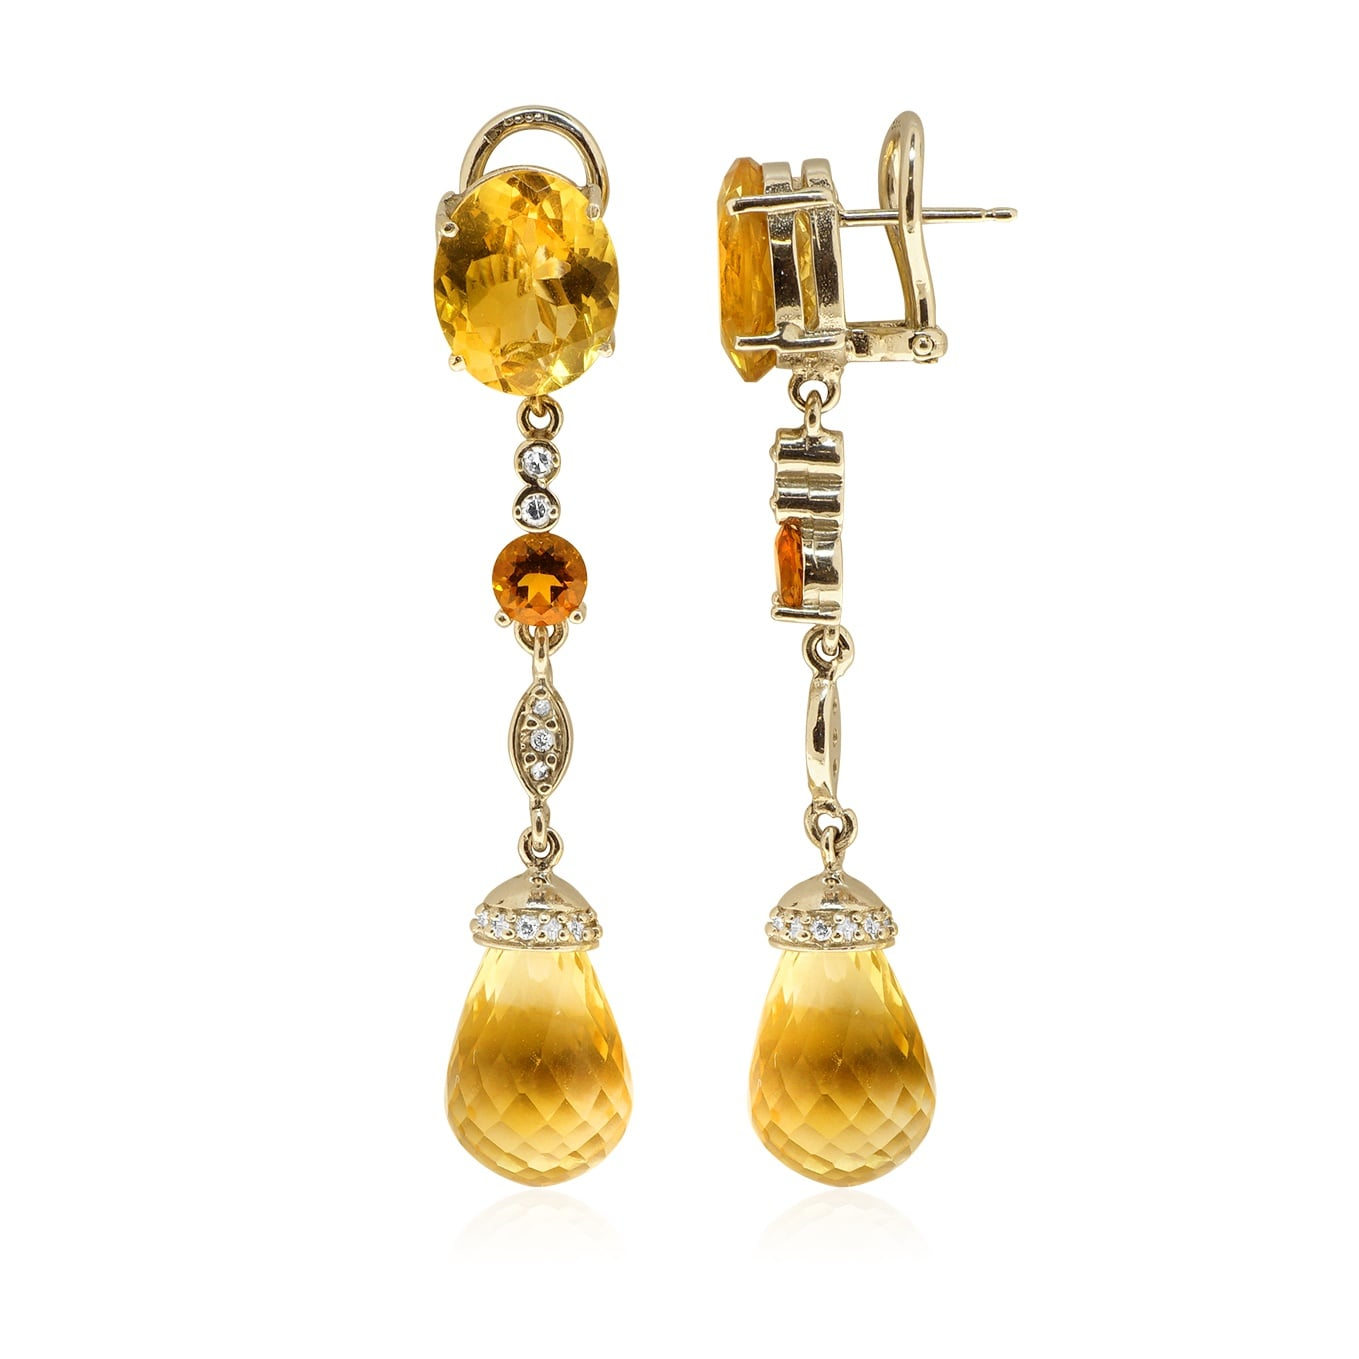 עגילי זהב 14 קרט משובצים אבן חן סיטרין ו0.35 קראט יהלומים